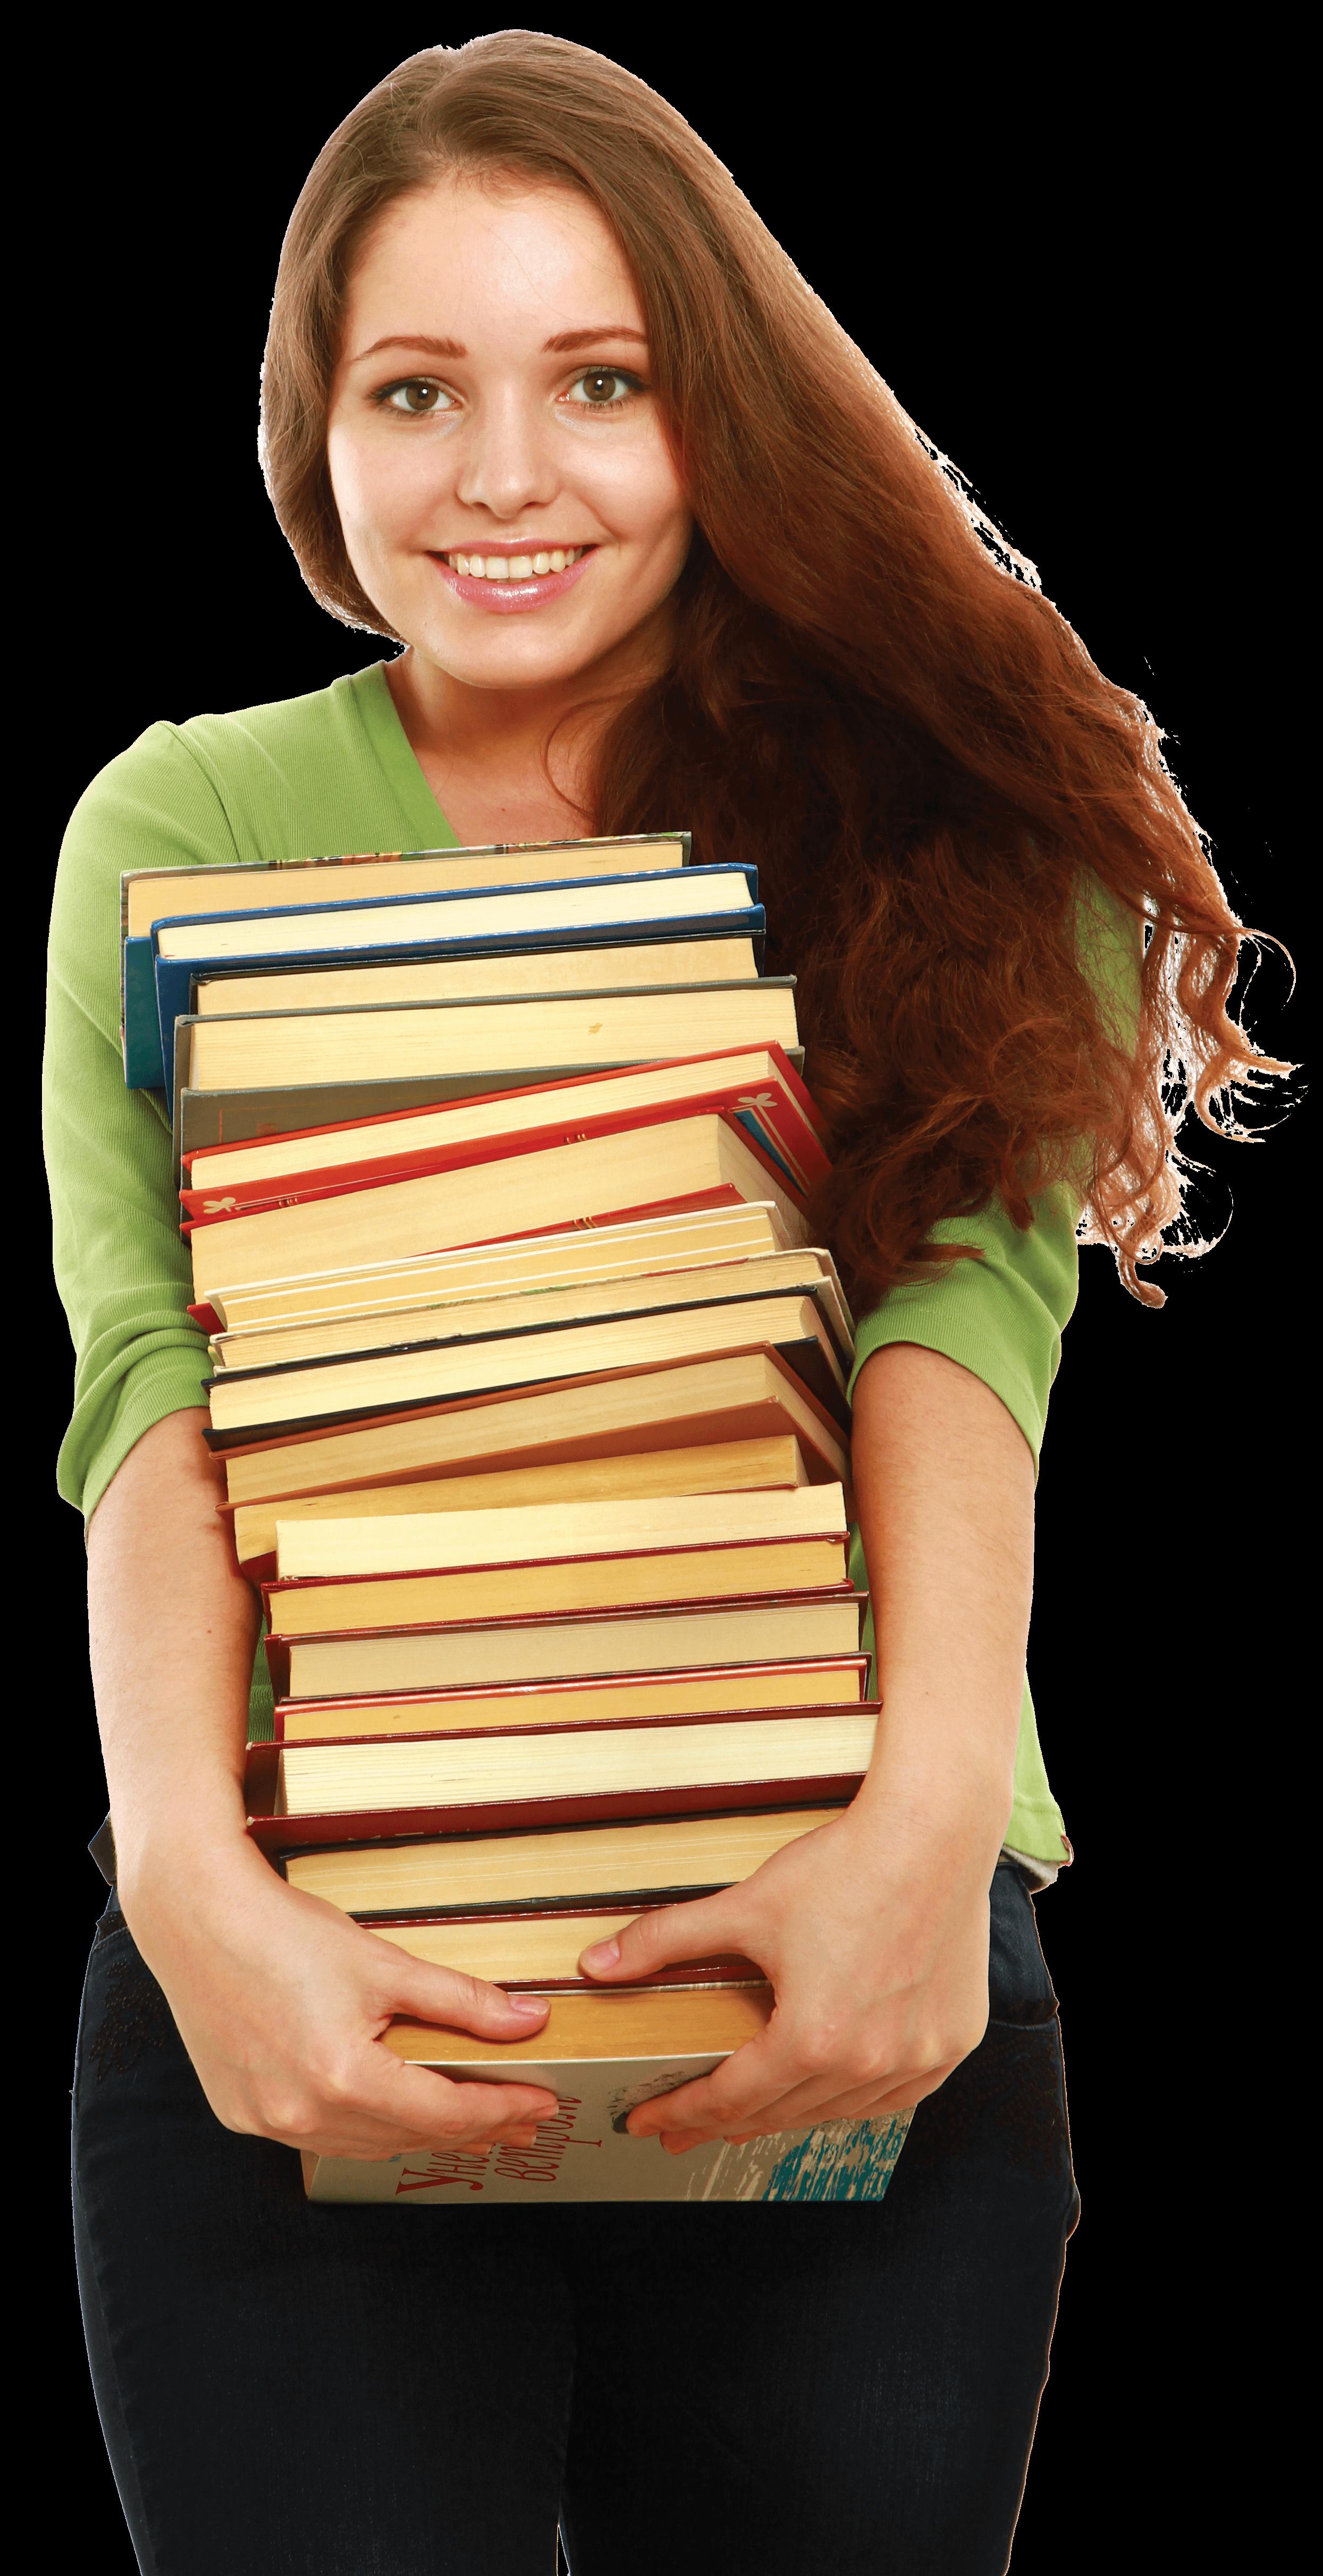 מרוב מילים לא רואים את החומר - smiling-woman-holding-books